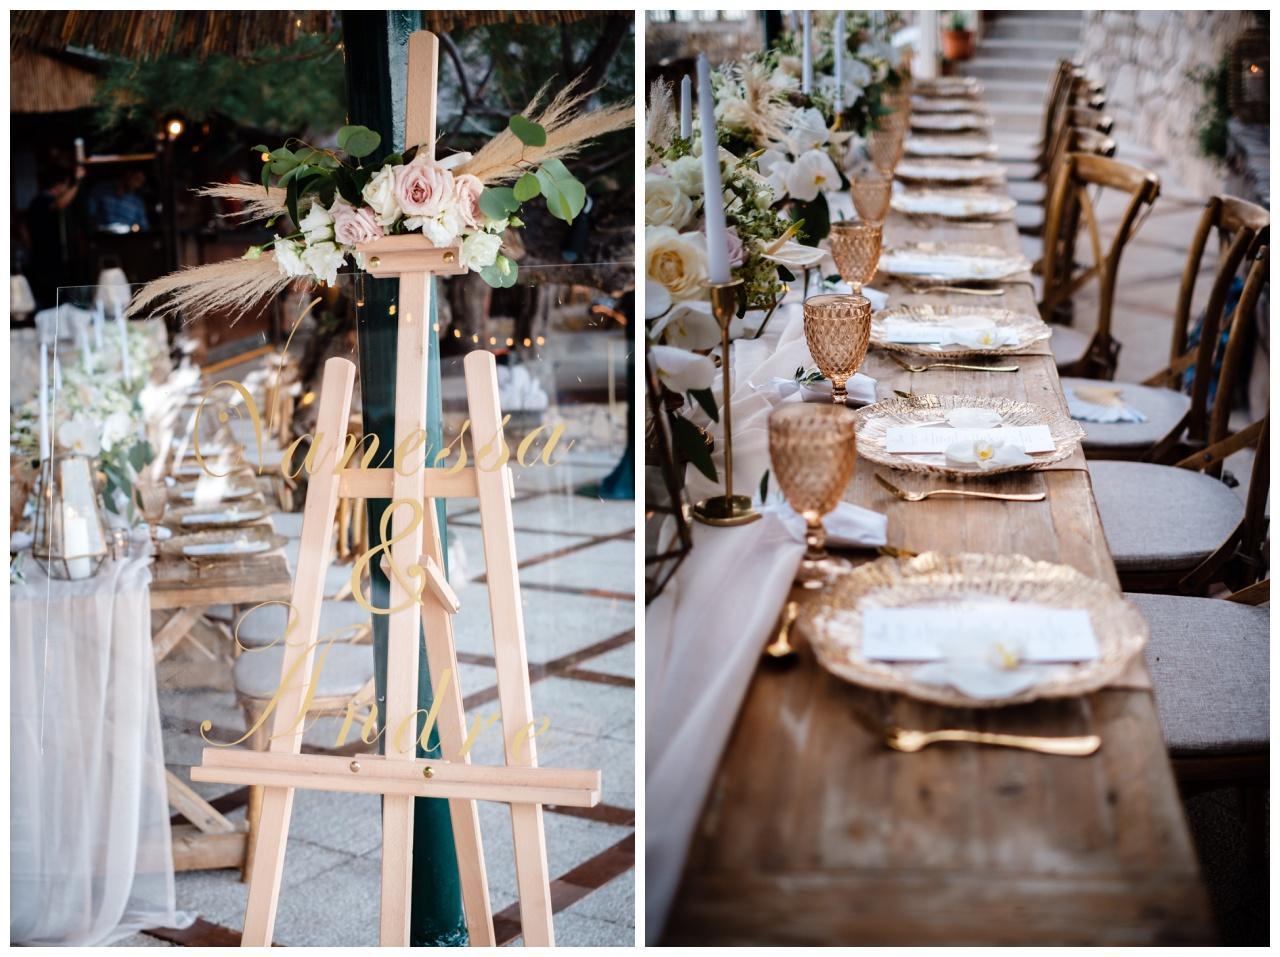 hochzeit brac inse boho heiraten kroatien hochzeitsplaner 56 - Glam Boho Hochzeit auf der Insel Brač